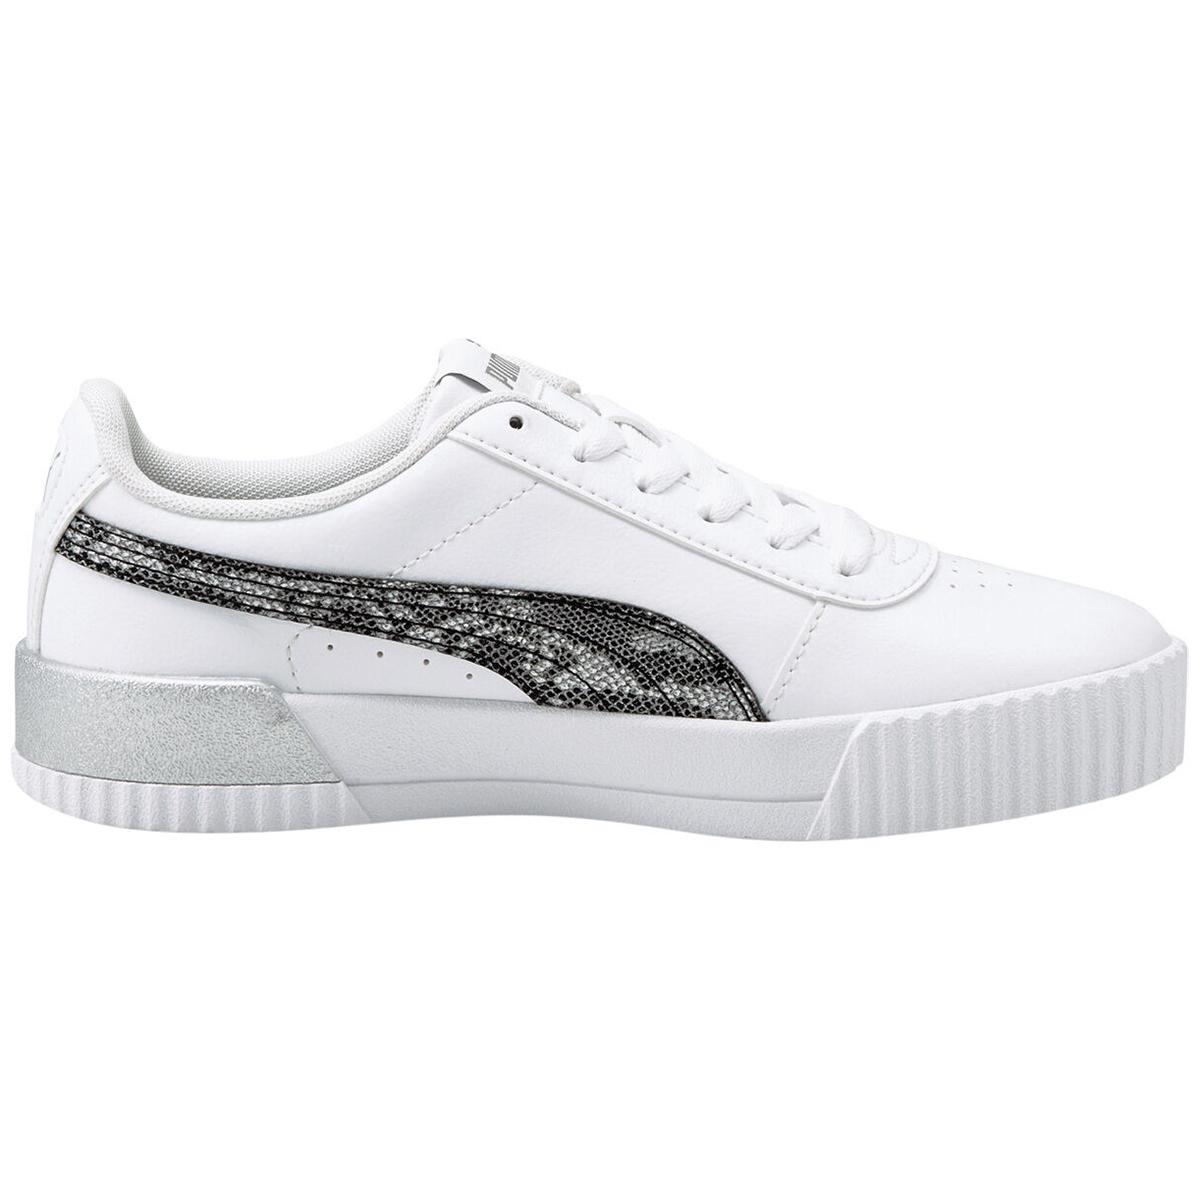 Puma Carina Untamed Damen Sneaker weiß silber 375959 01